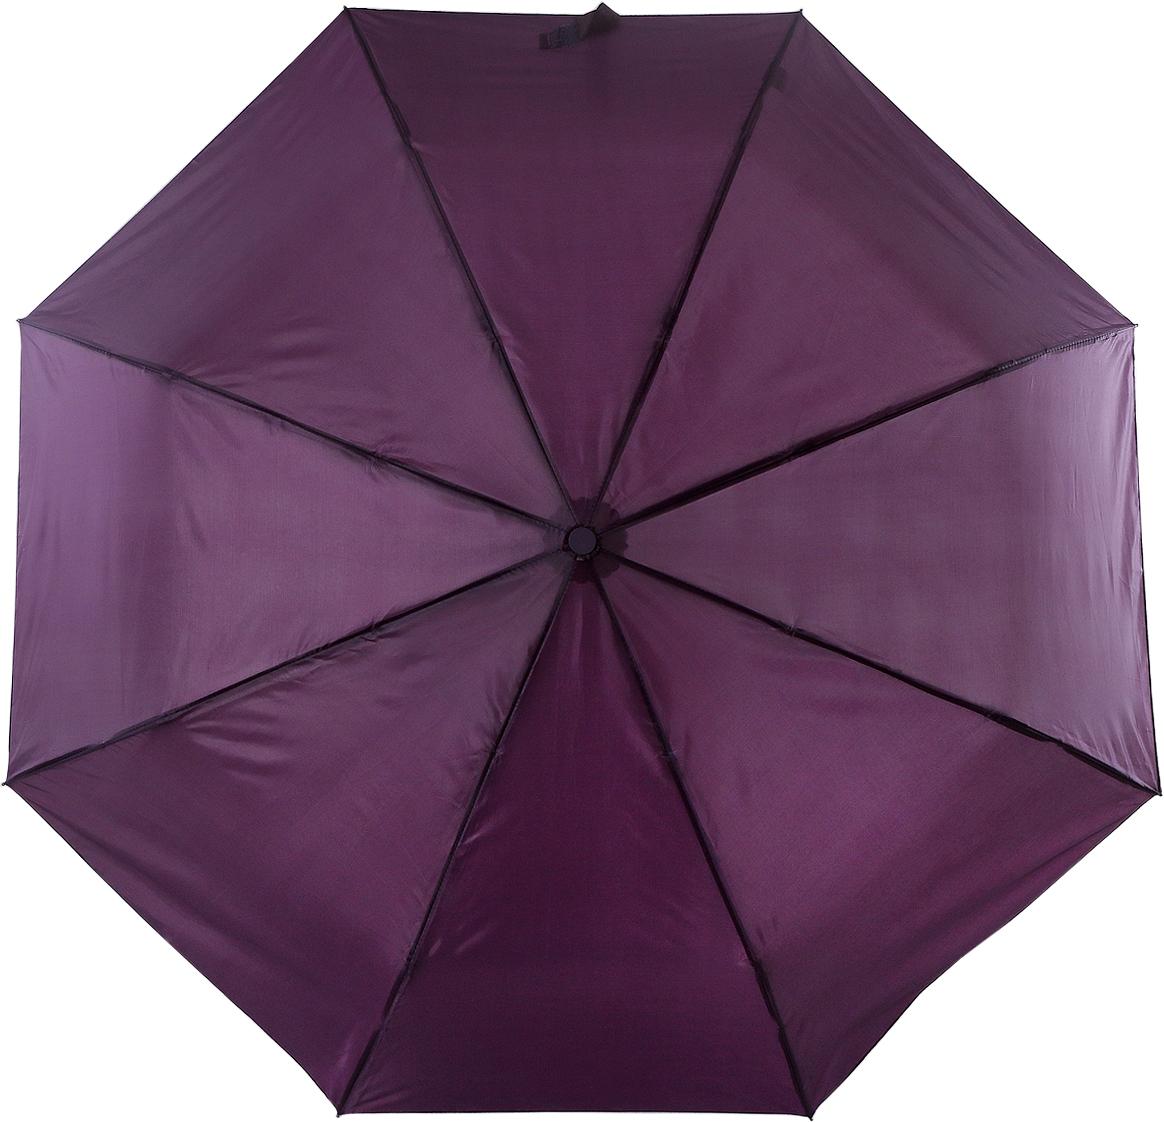 Зонт женский Torm, цвет: бардовый. 3731-03Колье (короткие одноярусные бусы)Классический женский зонт в 3 сложения полный автомат. Удобная ручка выполнена из пластика. Модель зонта выполнена в стандартном размере, оснащена системой Антиветер. Этот стильный аксессуар поместится практически в любую женскую сумочку благодаря своим небольшим размерам.